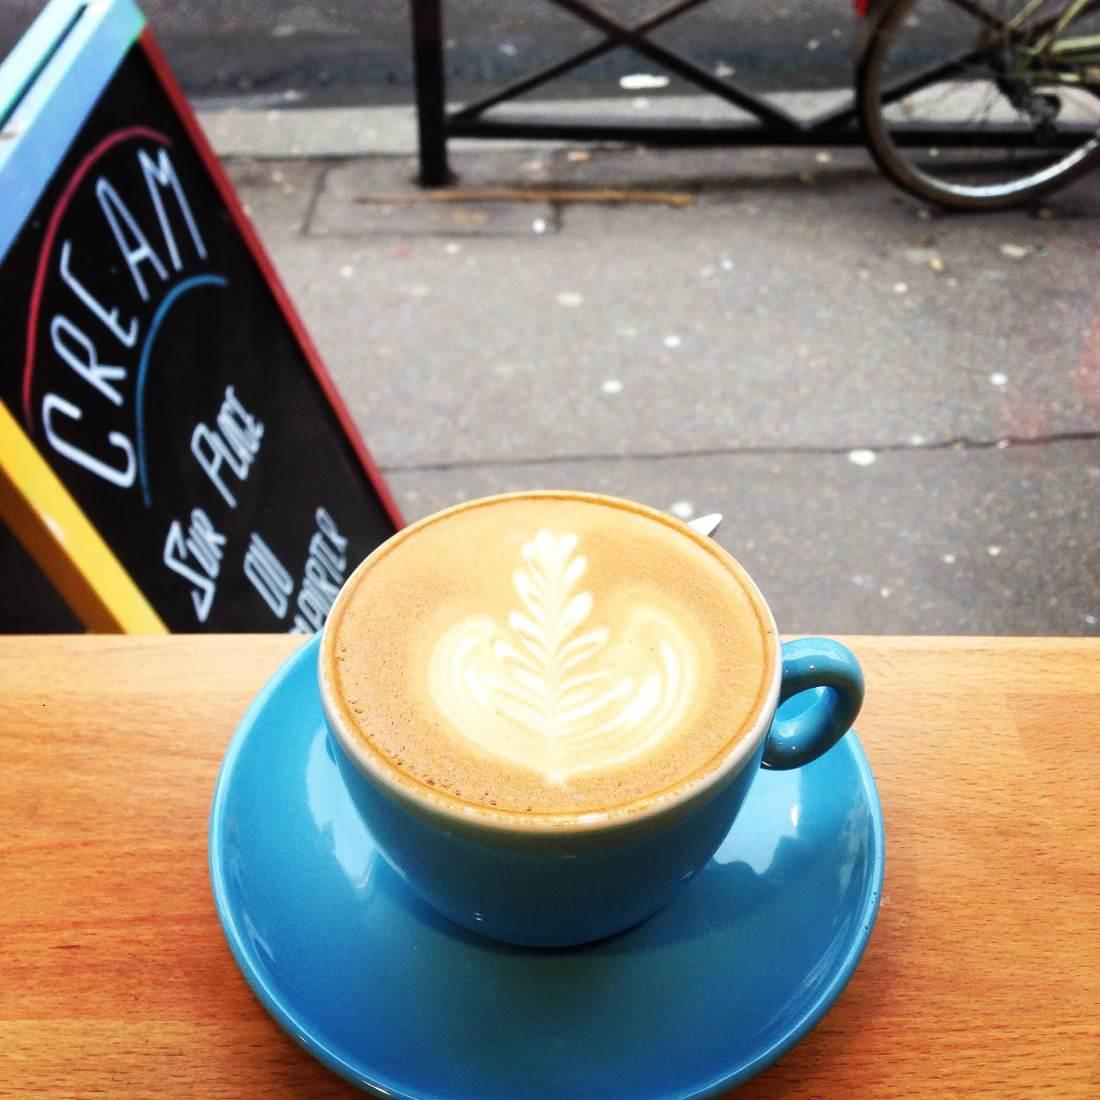 CREAM Cafe @LaVieLocale1